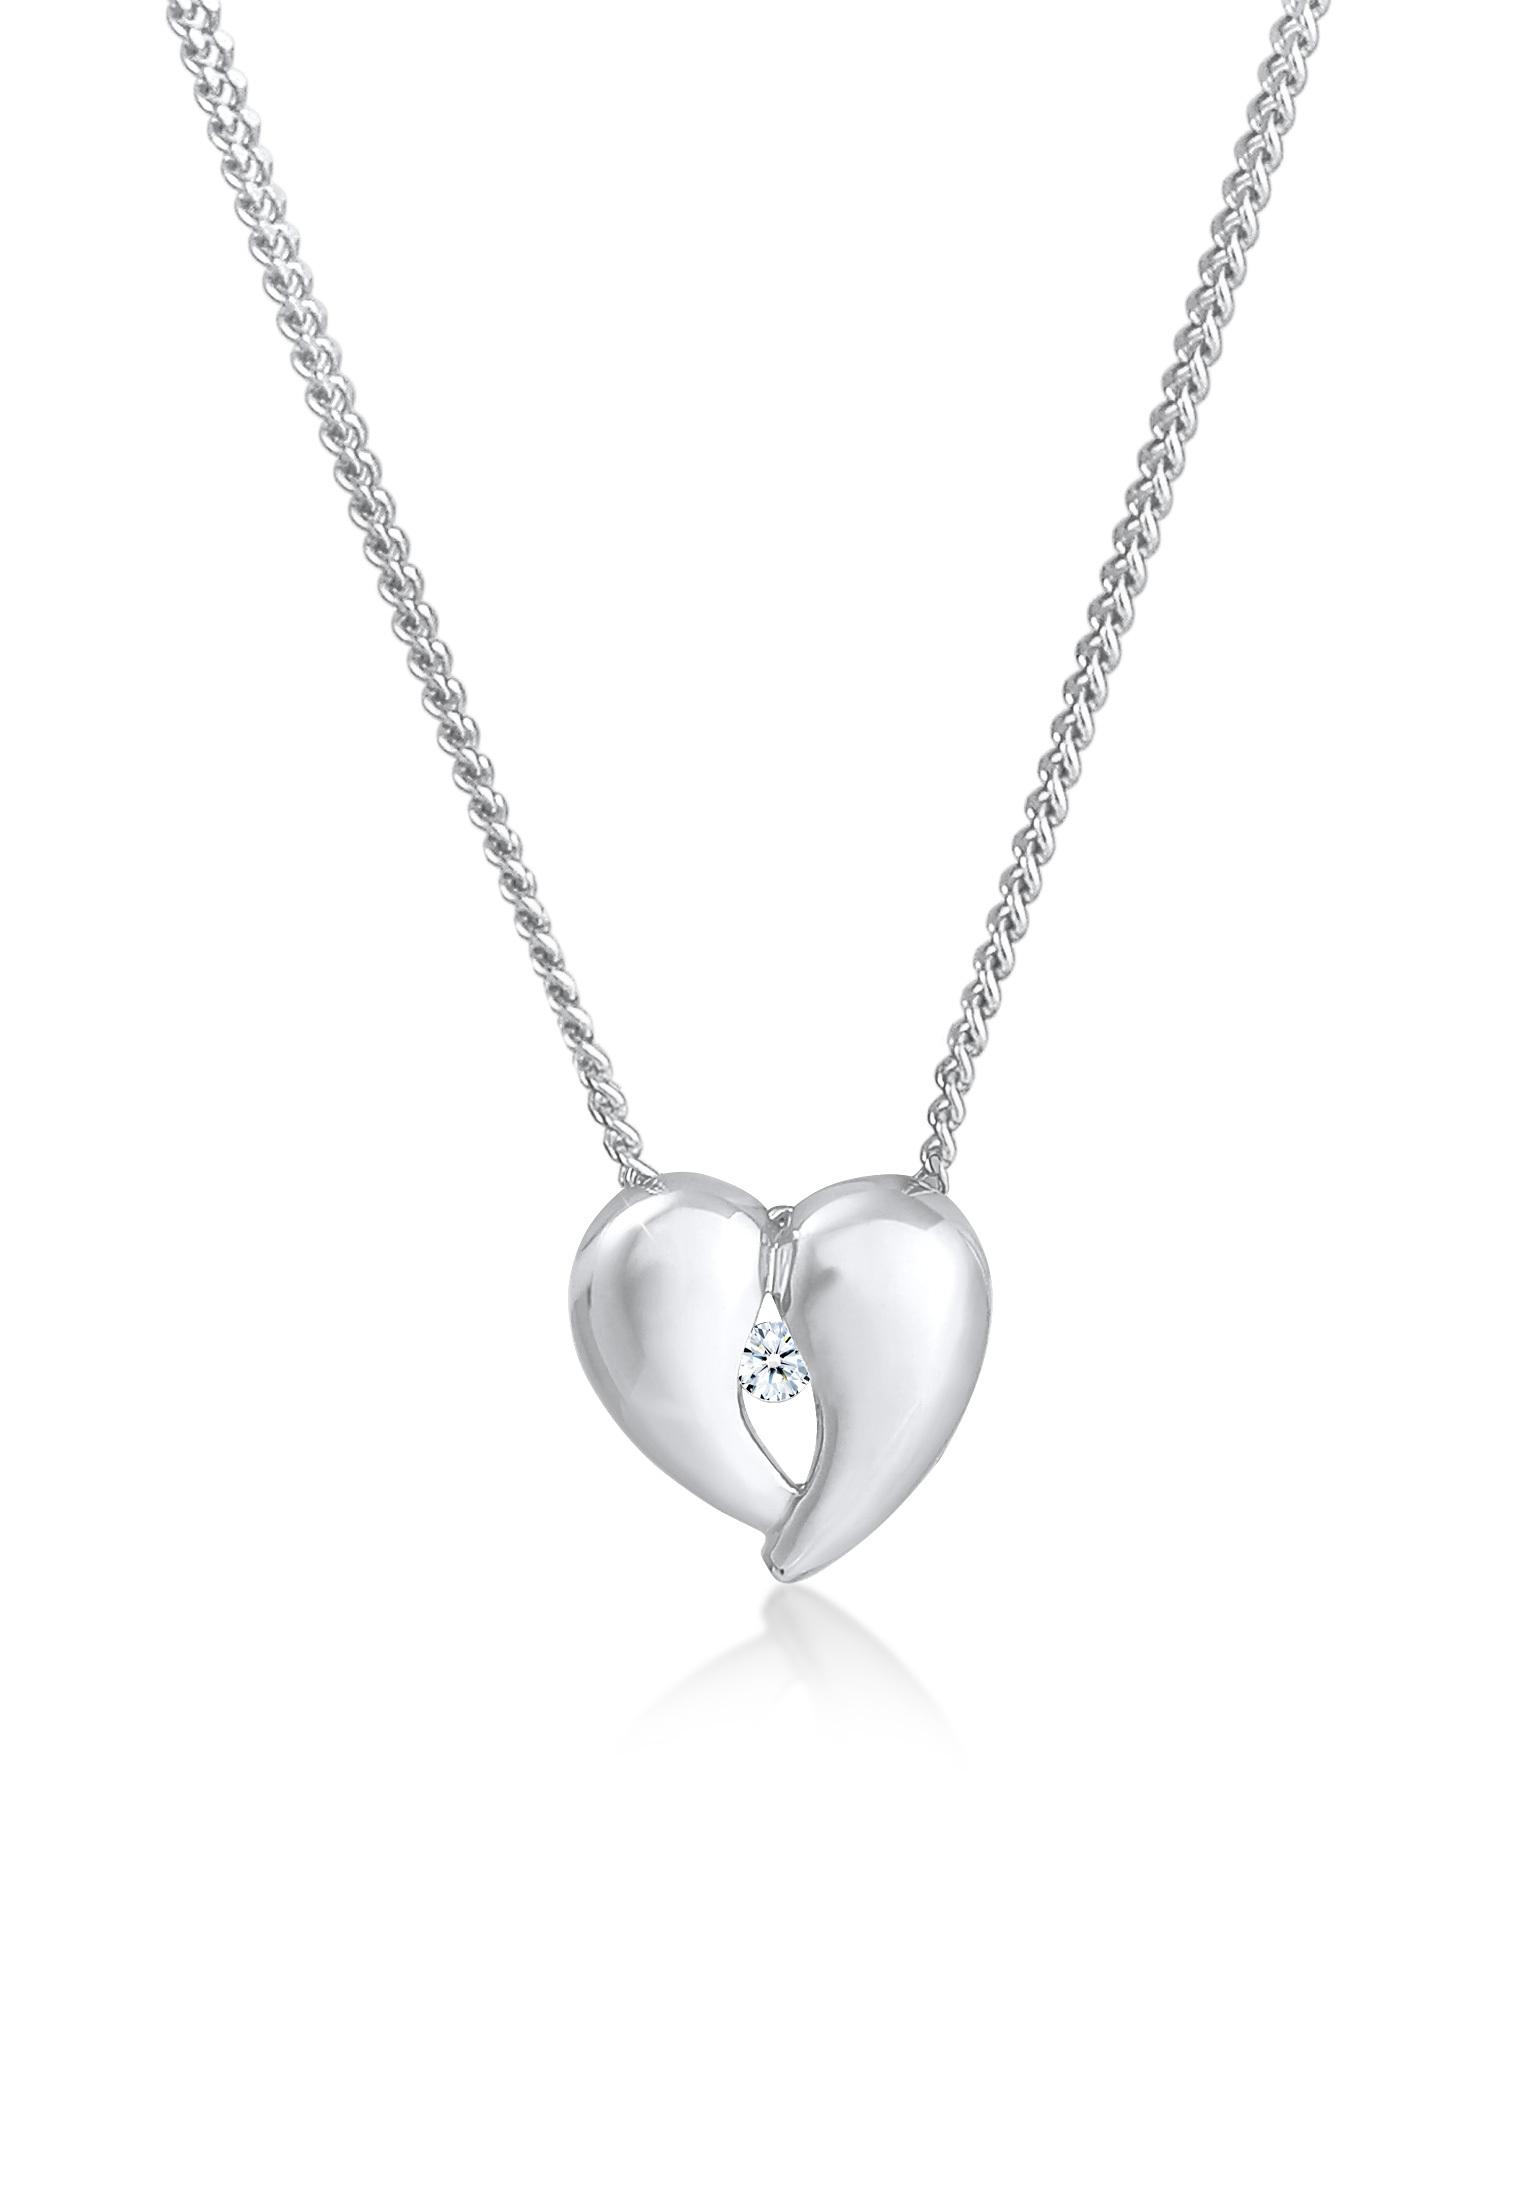 Halskette Herz | Diamant ( Weiß, 0,03 ct ) | 925er Sterling Silber